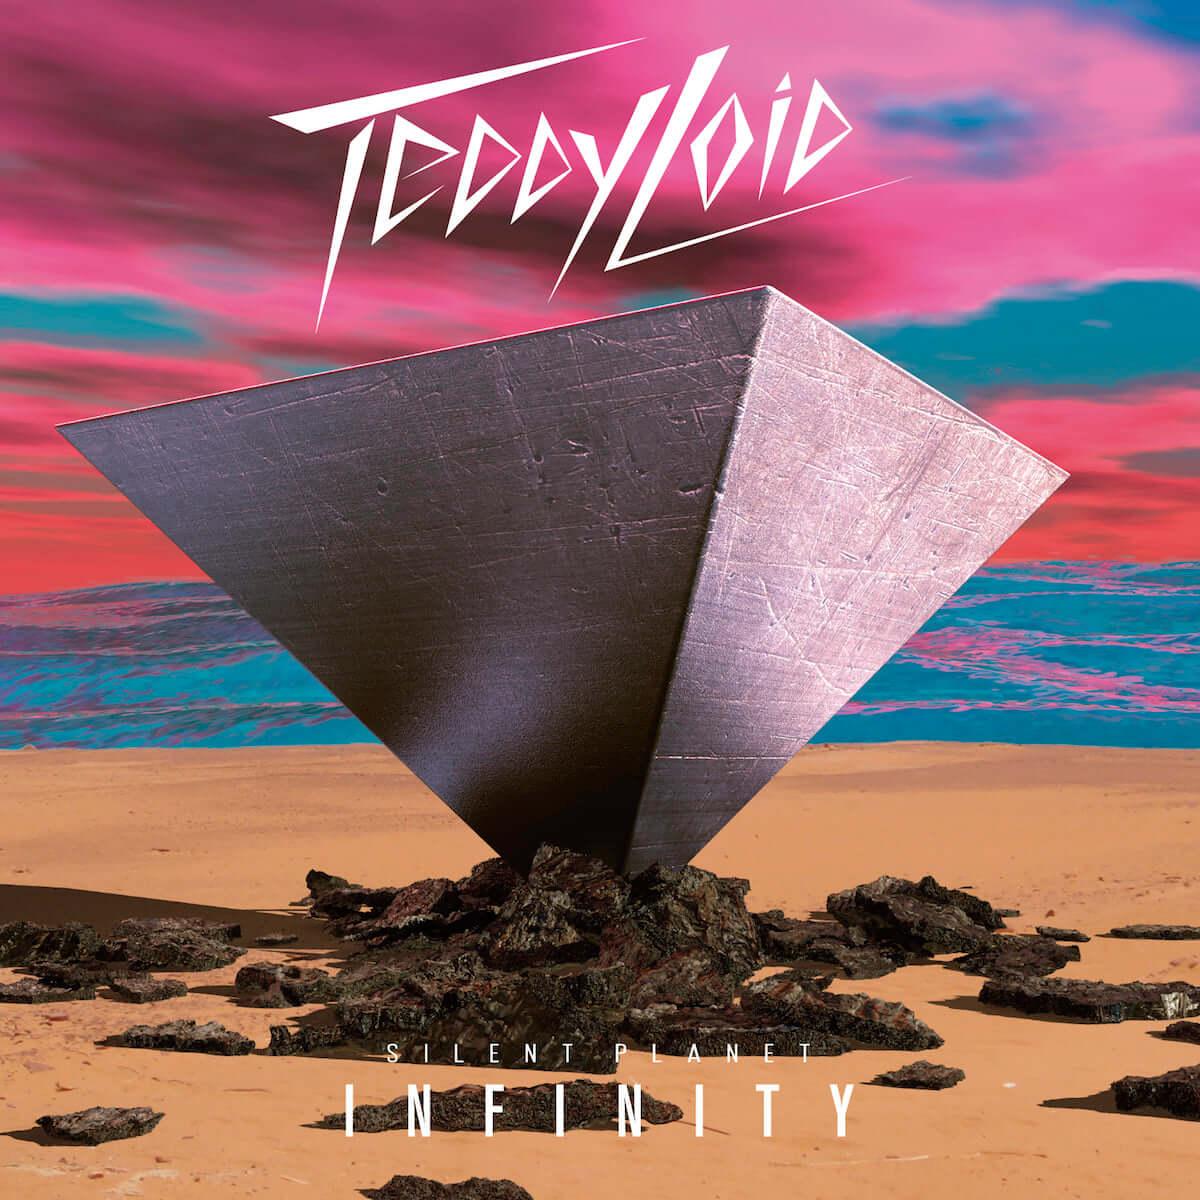 TeddyLoid「SILENT PLANET」シリーズの集大成、新作アルバムを11月に連続リリース ! music181019_teddyloid_1-1200x1200